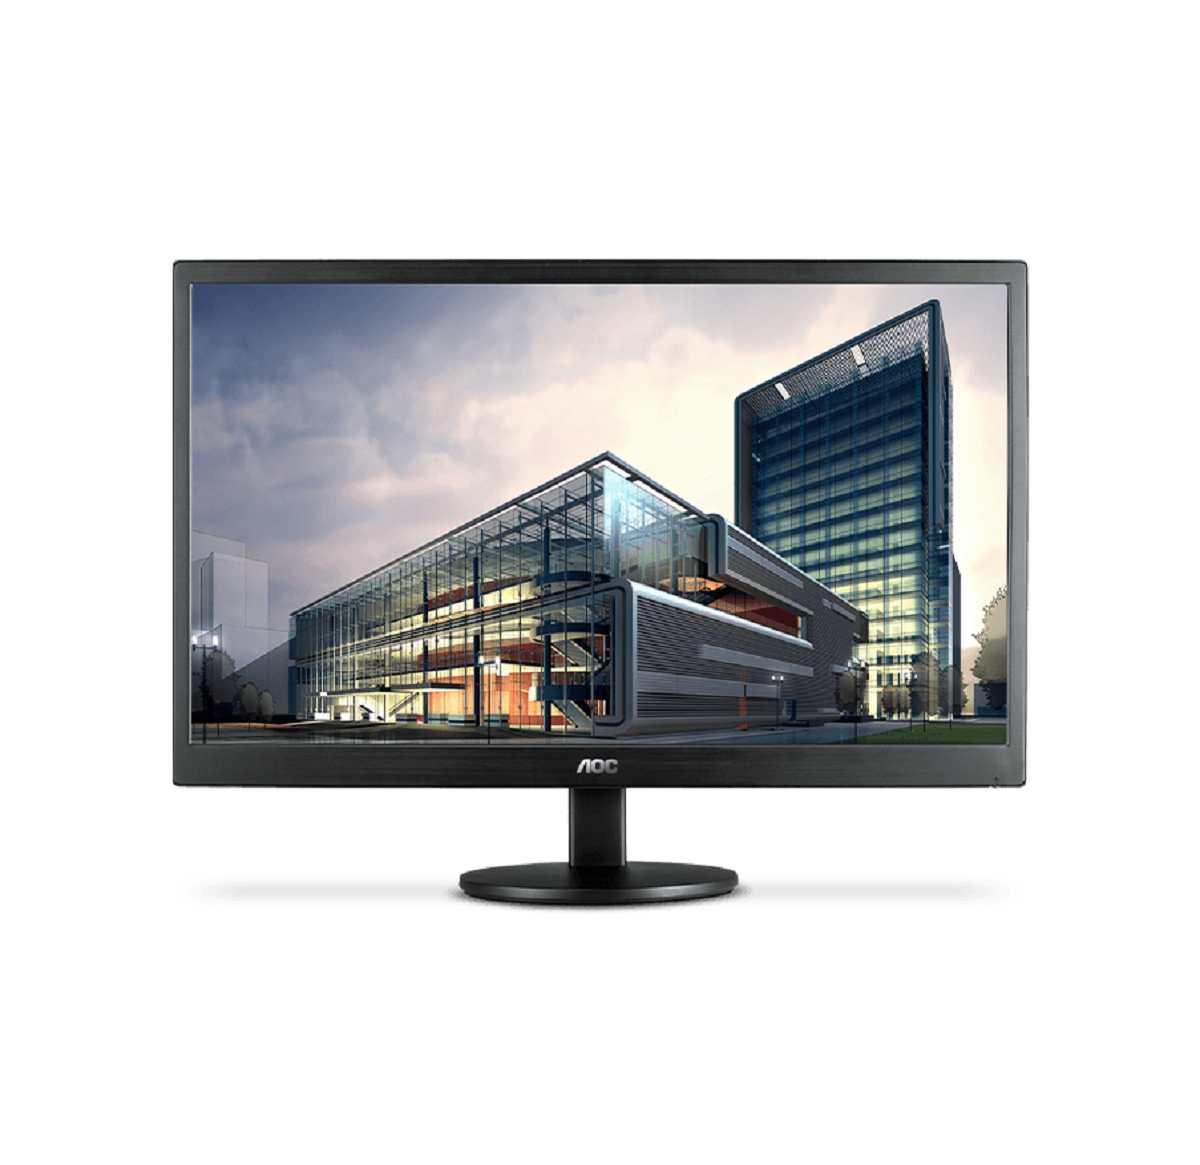 Monitor AOC 21,5 LED Full HD E2270swhen / Hdmi / Vesa